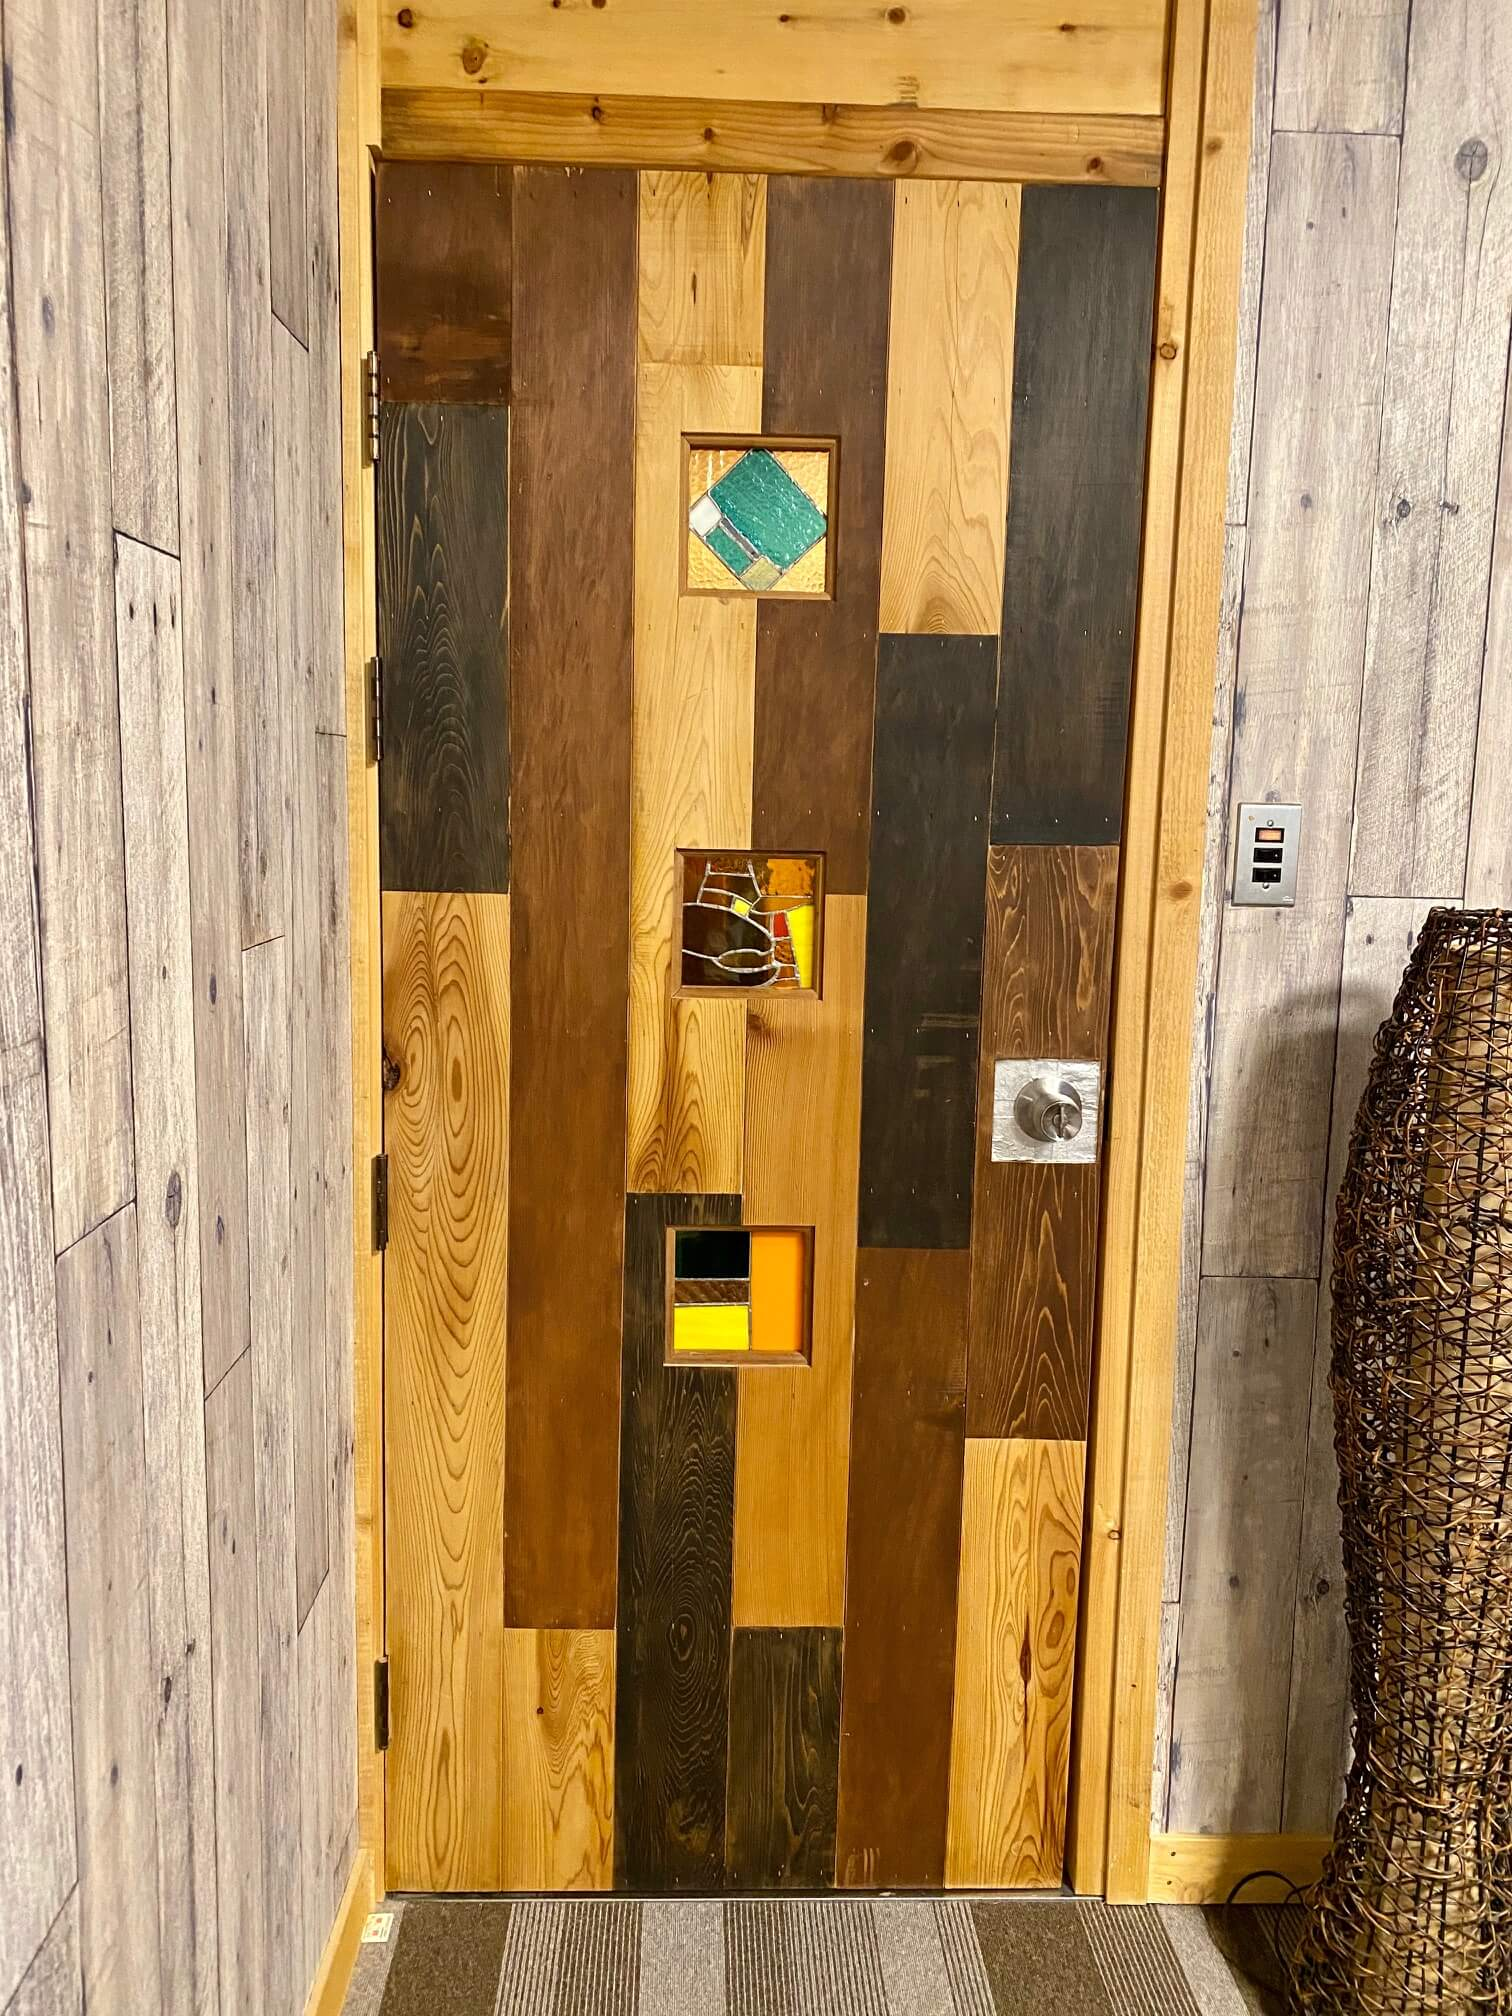 レークハウス朱鞠内のドア